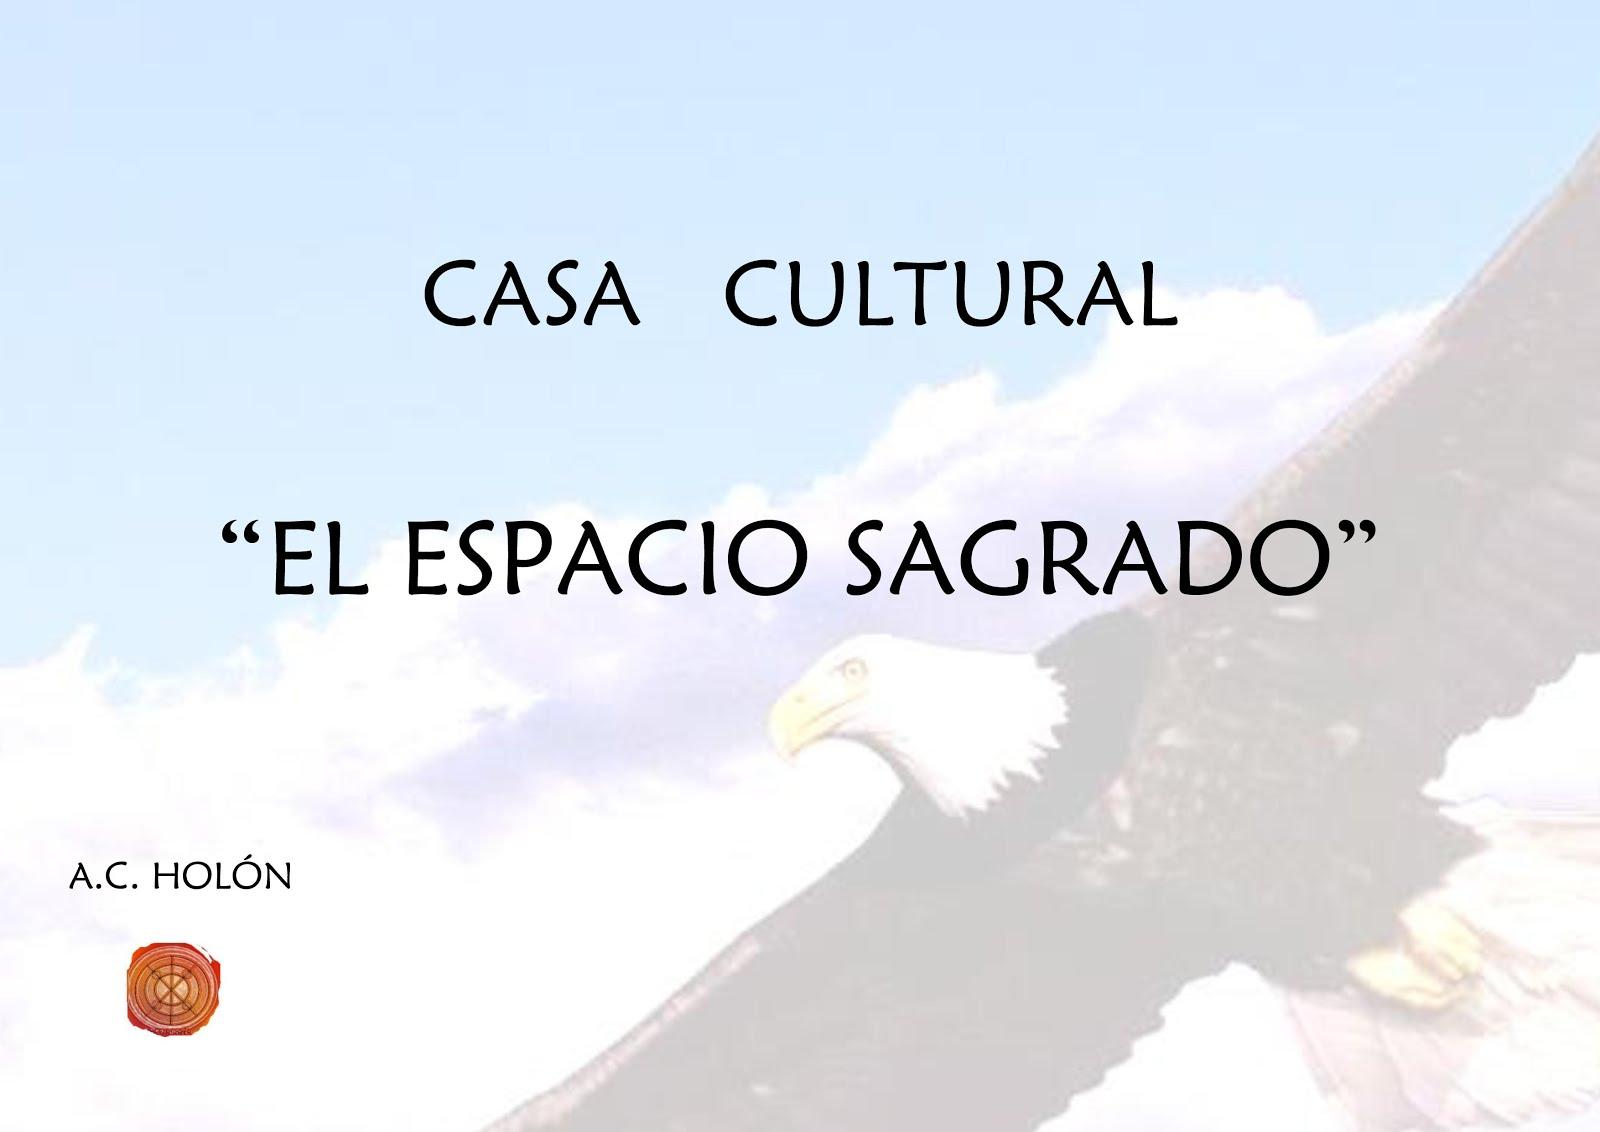 """CASA CULTURAL DE REPOSO """"EL ESPACIO SAGRADO"""""""